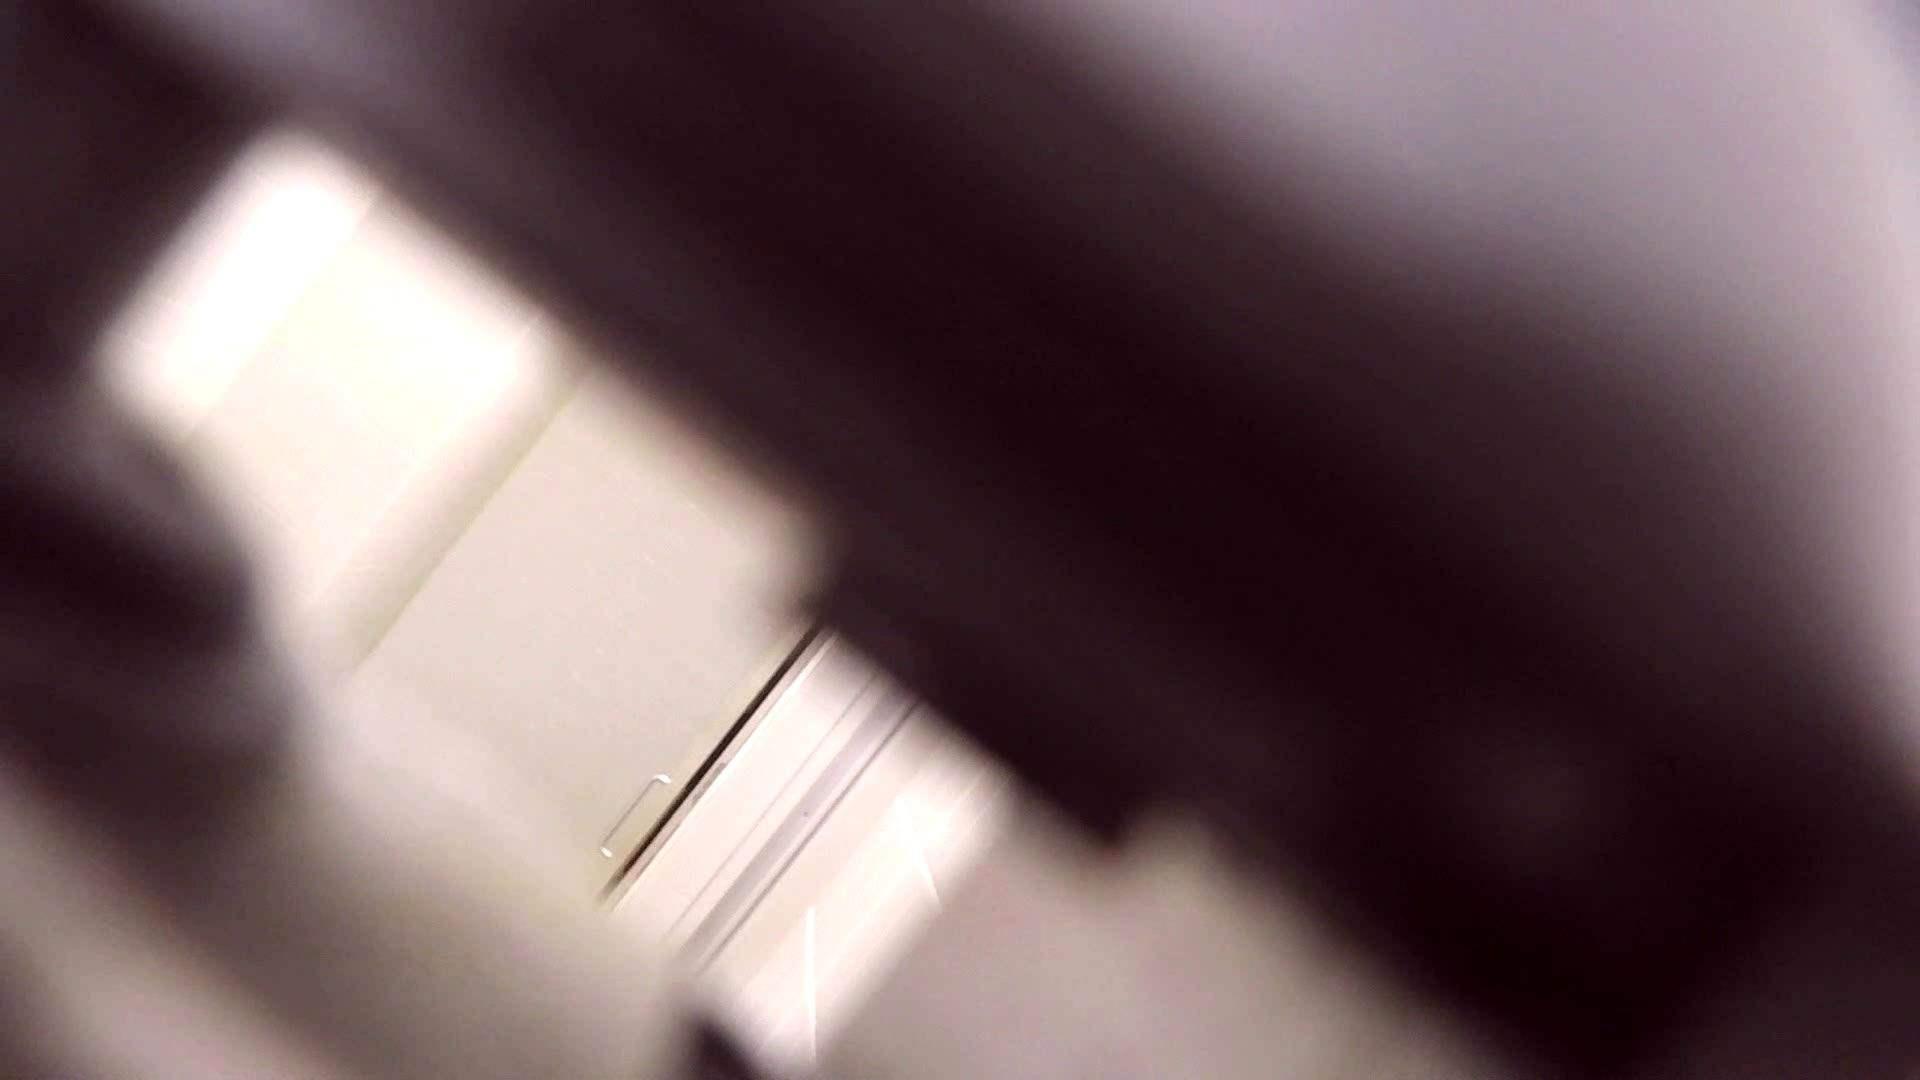 vol.17 命がけ潜伏洗面所! 張り裂けんばかりの大物 洗面所 盗撮戯れ無修正画像 108画像 62